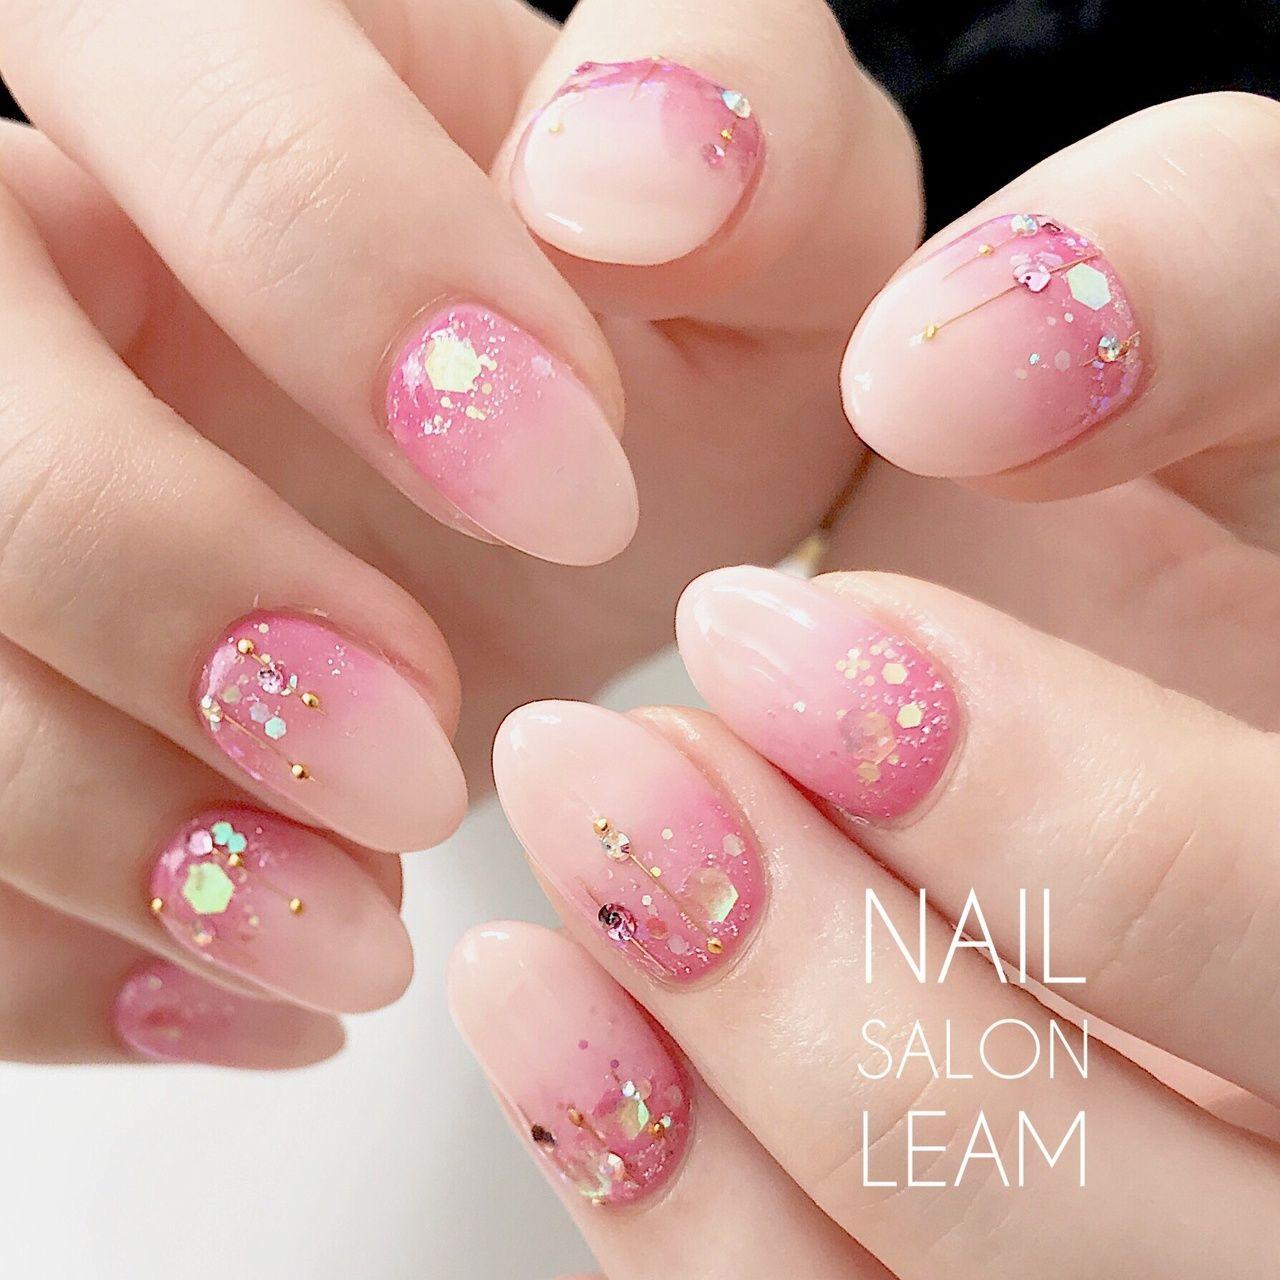 春/夏/オフィス/パーティー/ハンド , nail salon Leamのネイル